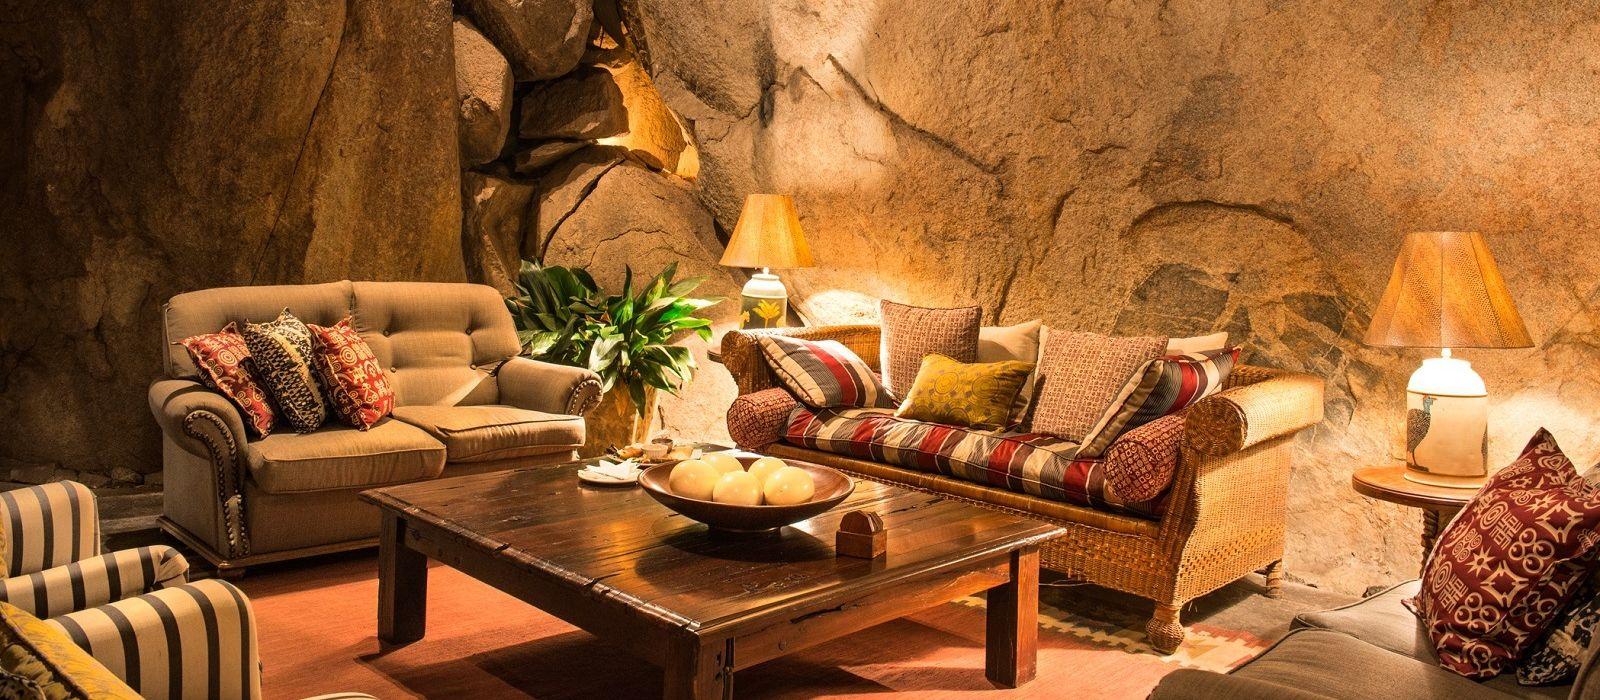 Hotel Camp Amalinda Zimbabwe